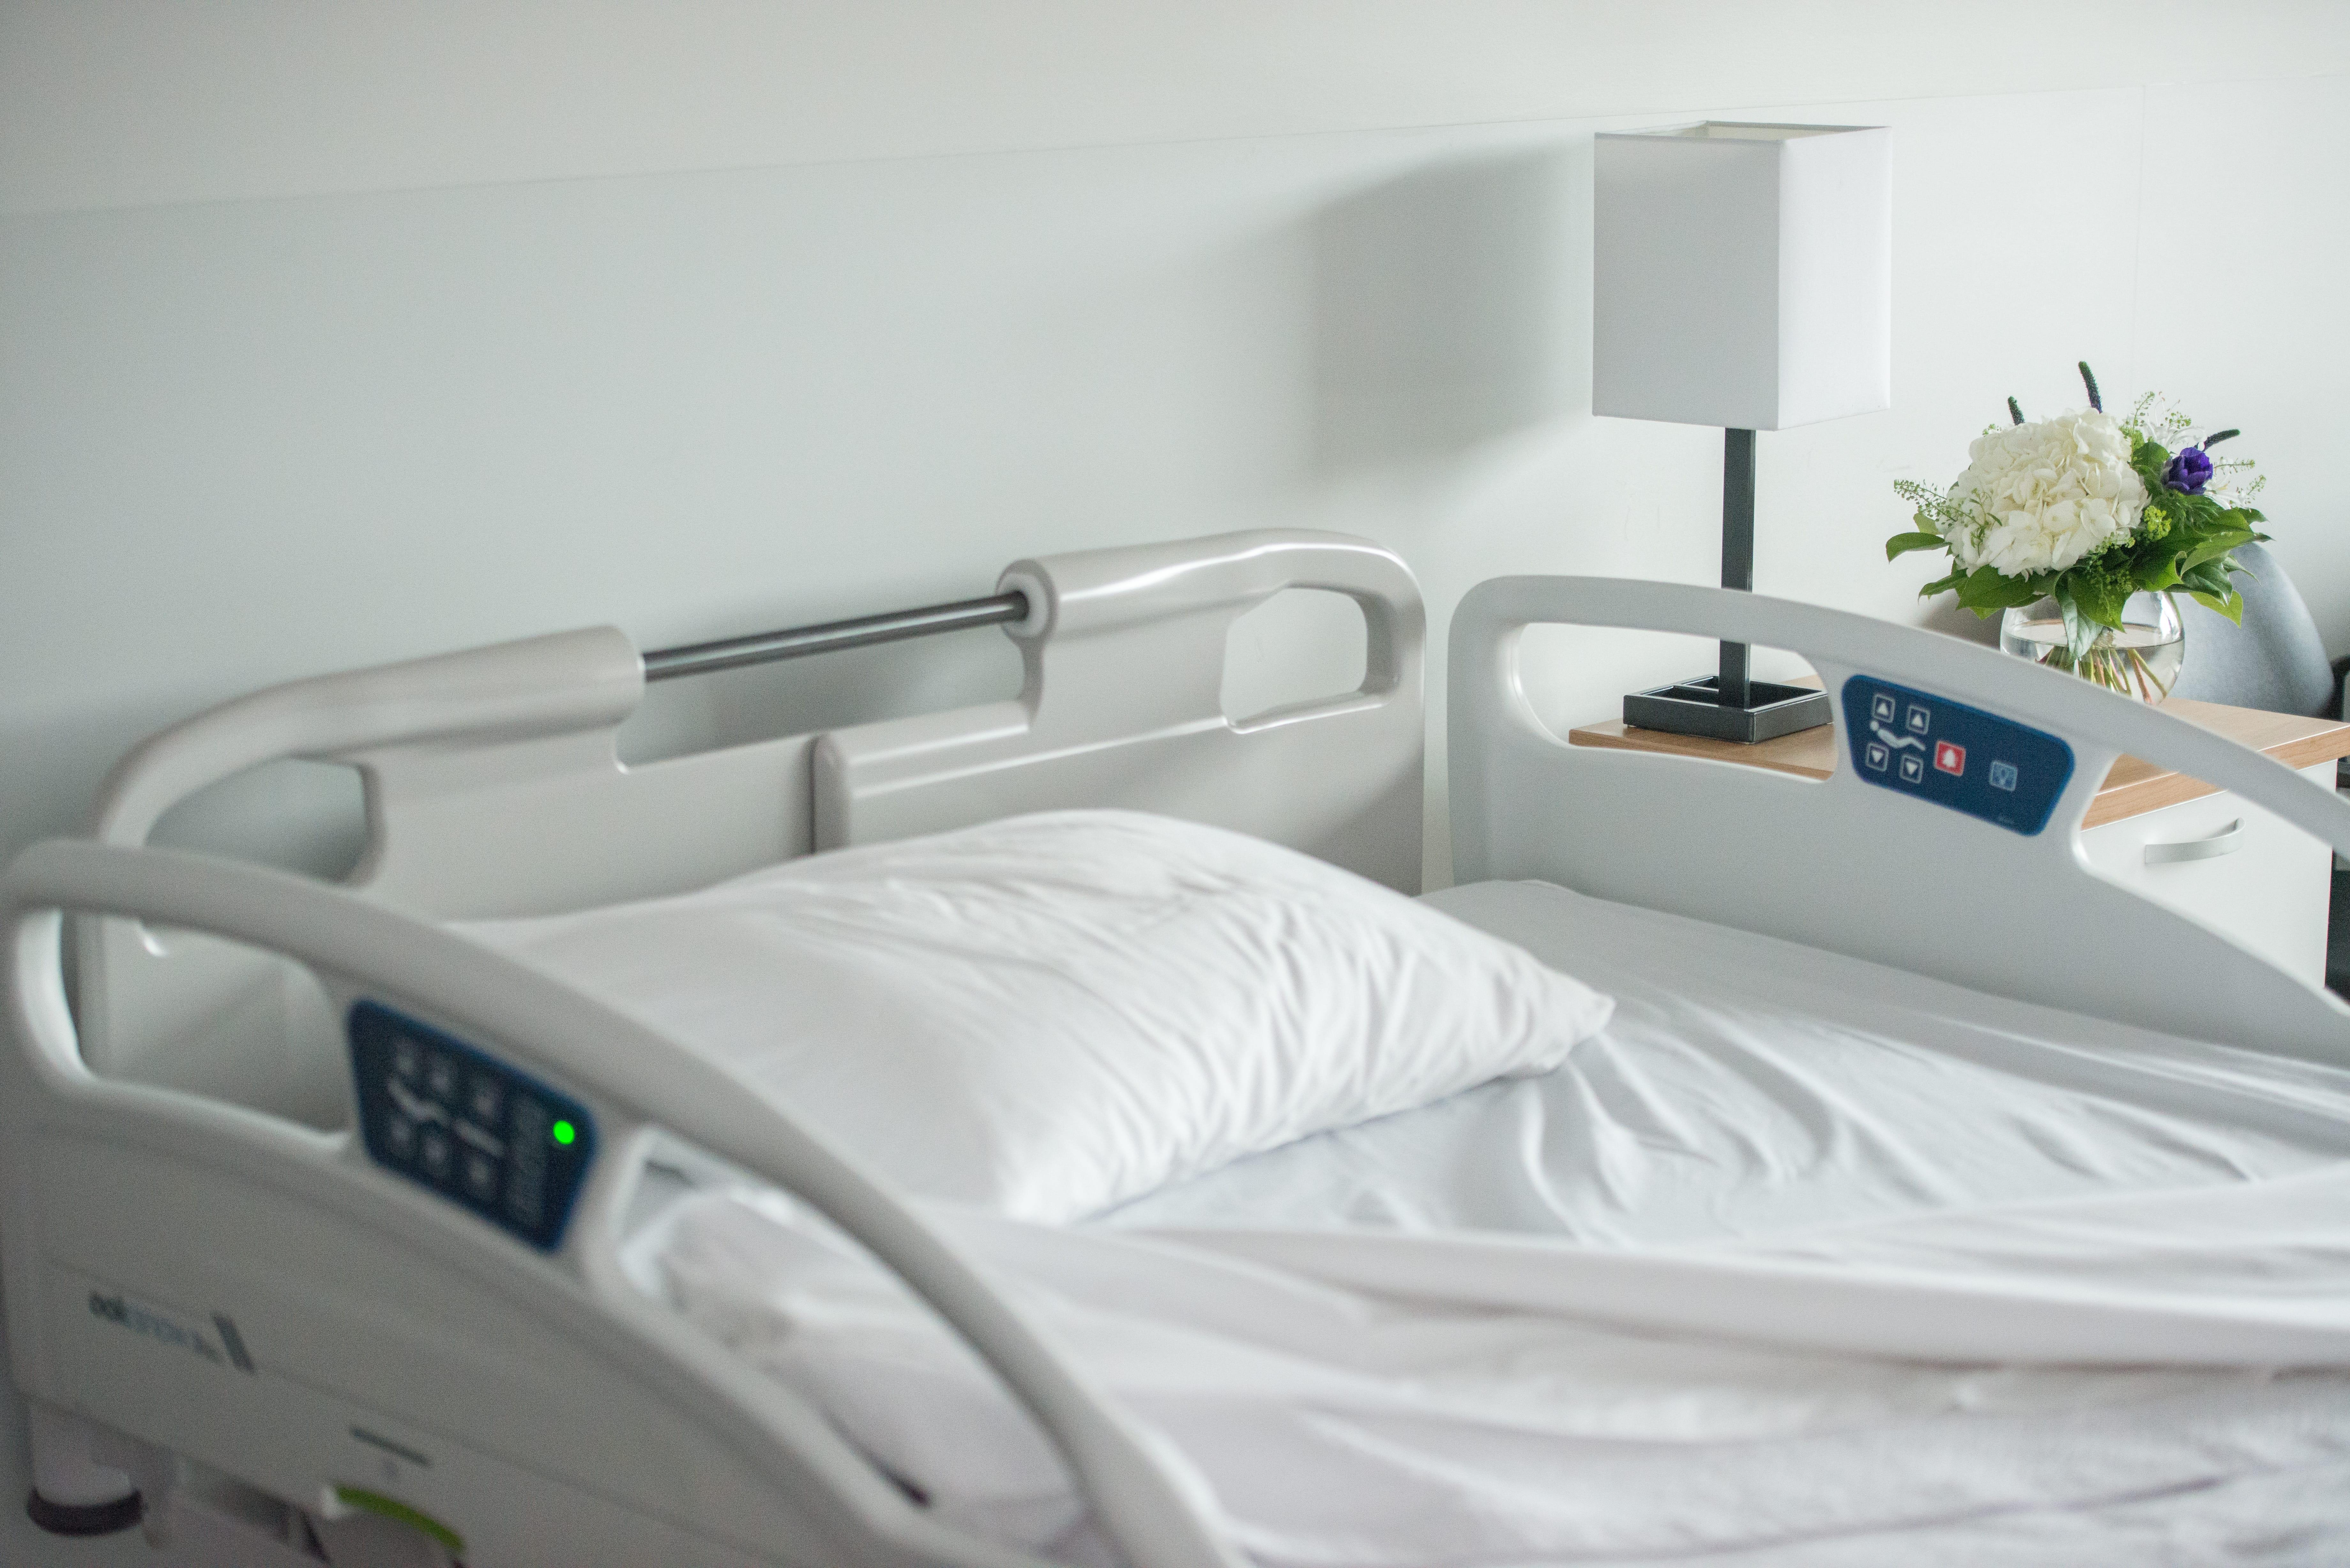 Côtés de lit & panneaux, Umano Medical